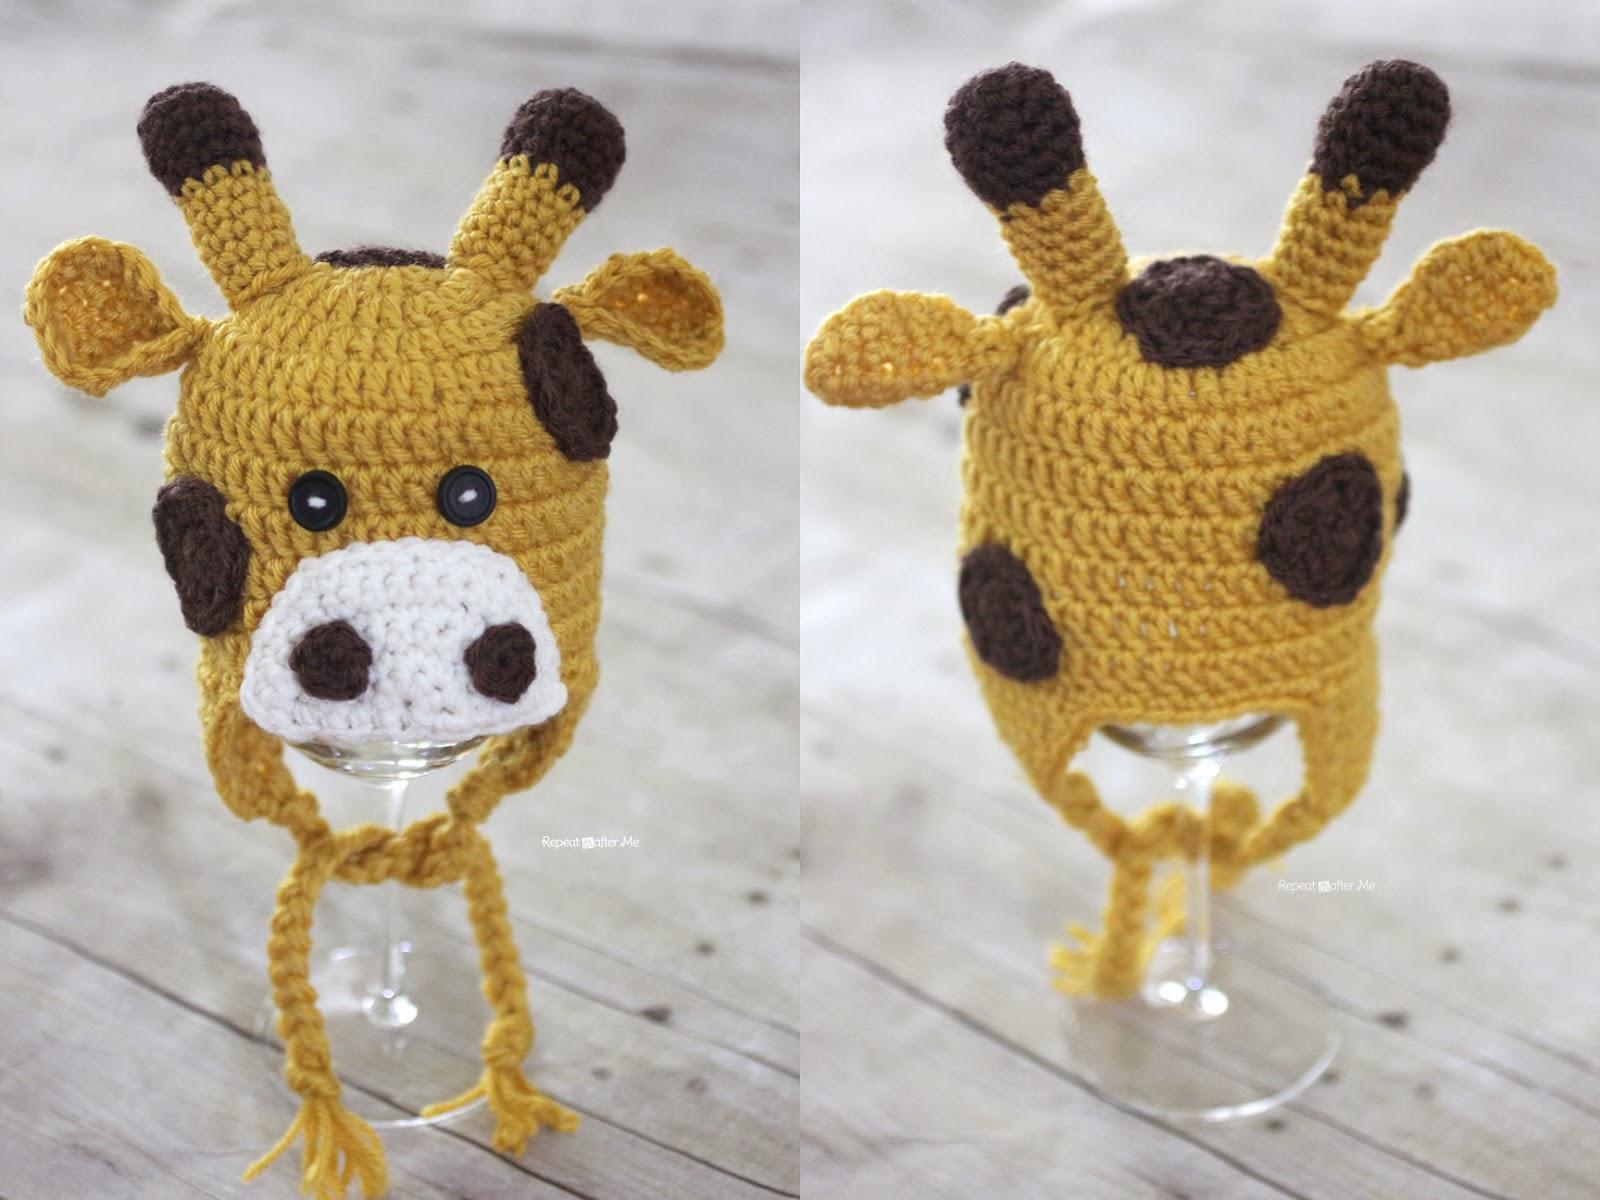 Free Crochet Pattern Giraffe Hat : Crochet Giraffe Hat Pattern - Repeat Crafter Me